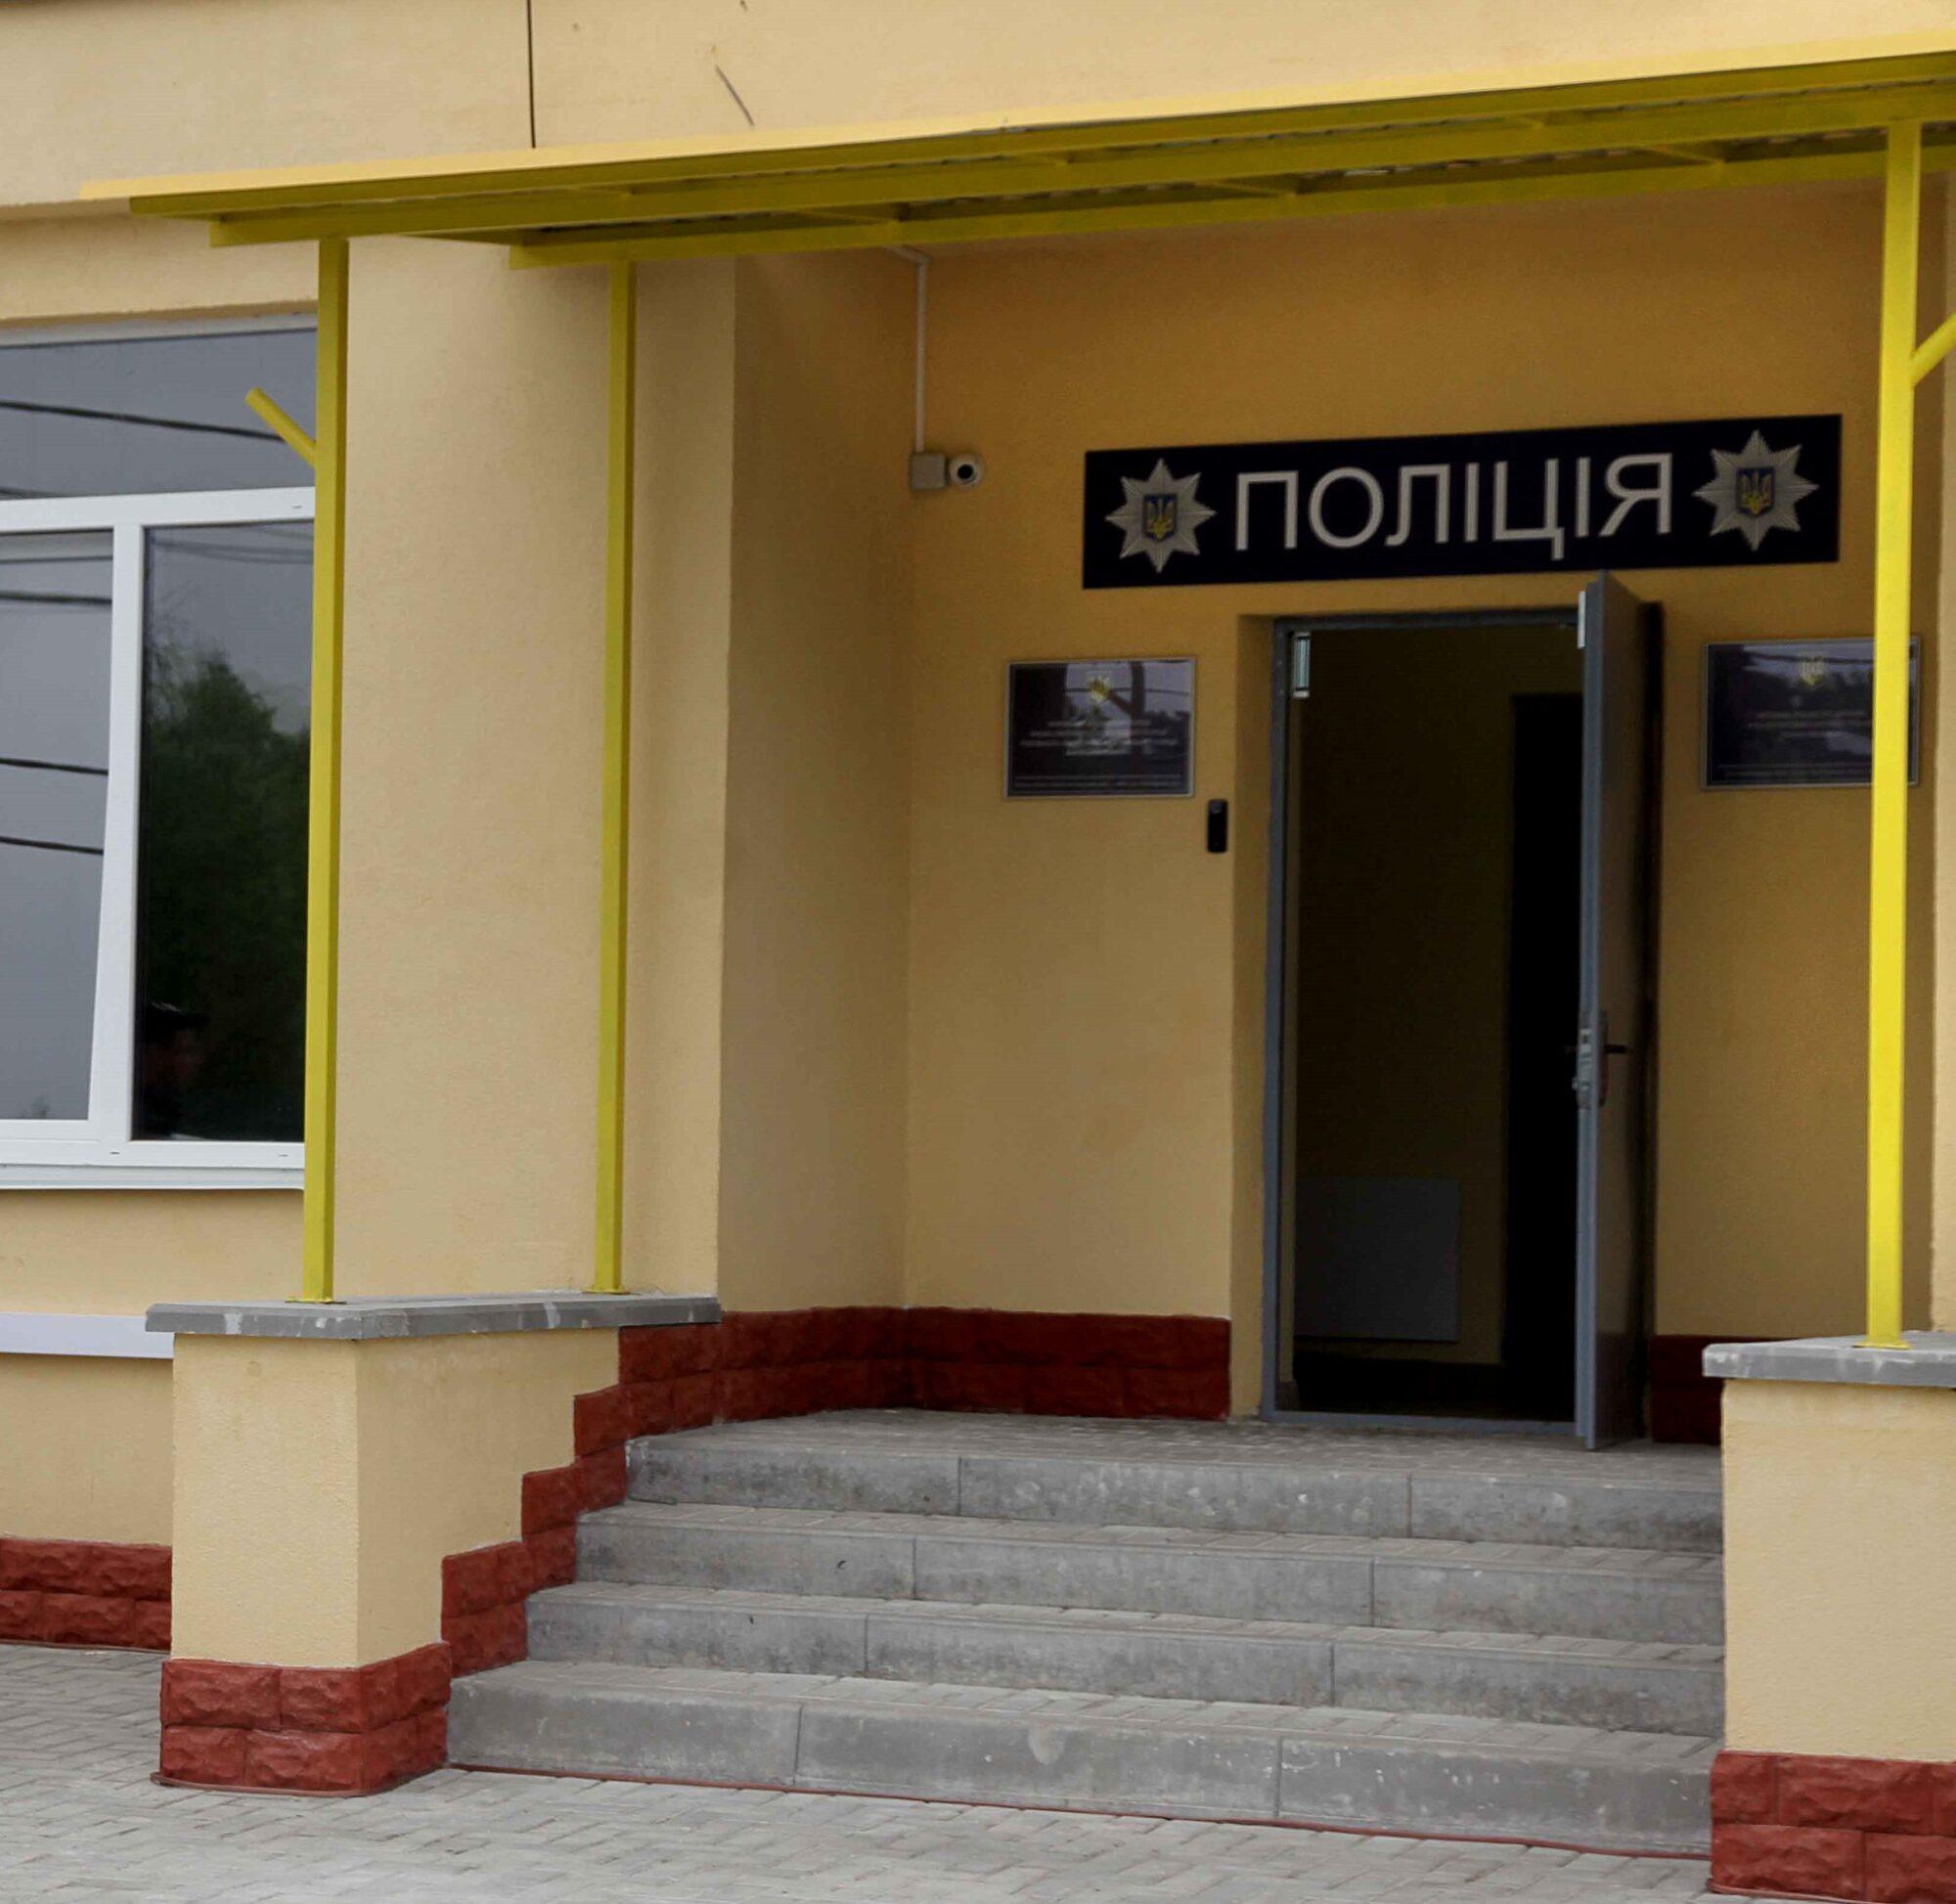 На Вишгородщині поліцейські спіймали автозлодія - викрадення авто - POLITSIYA 2000x1947